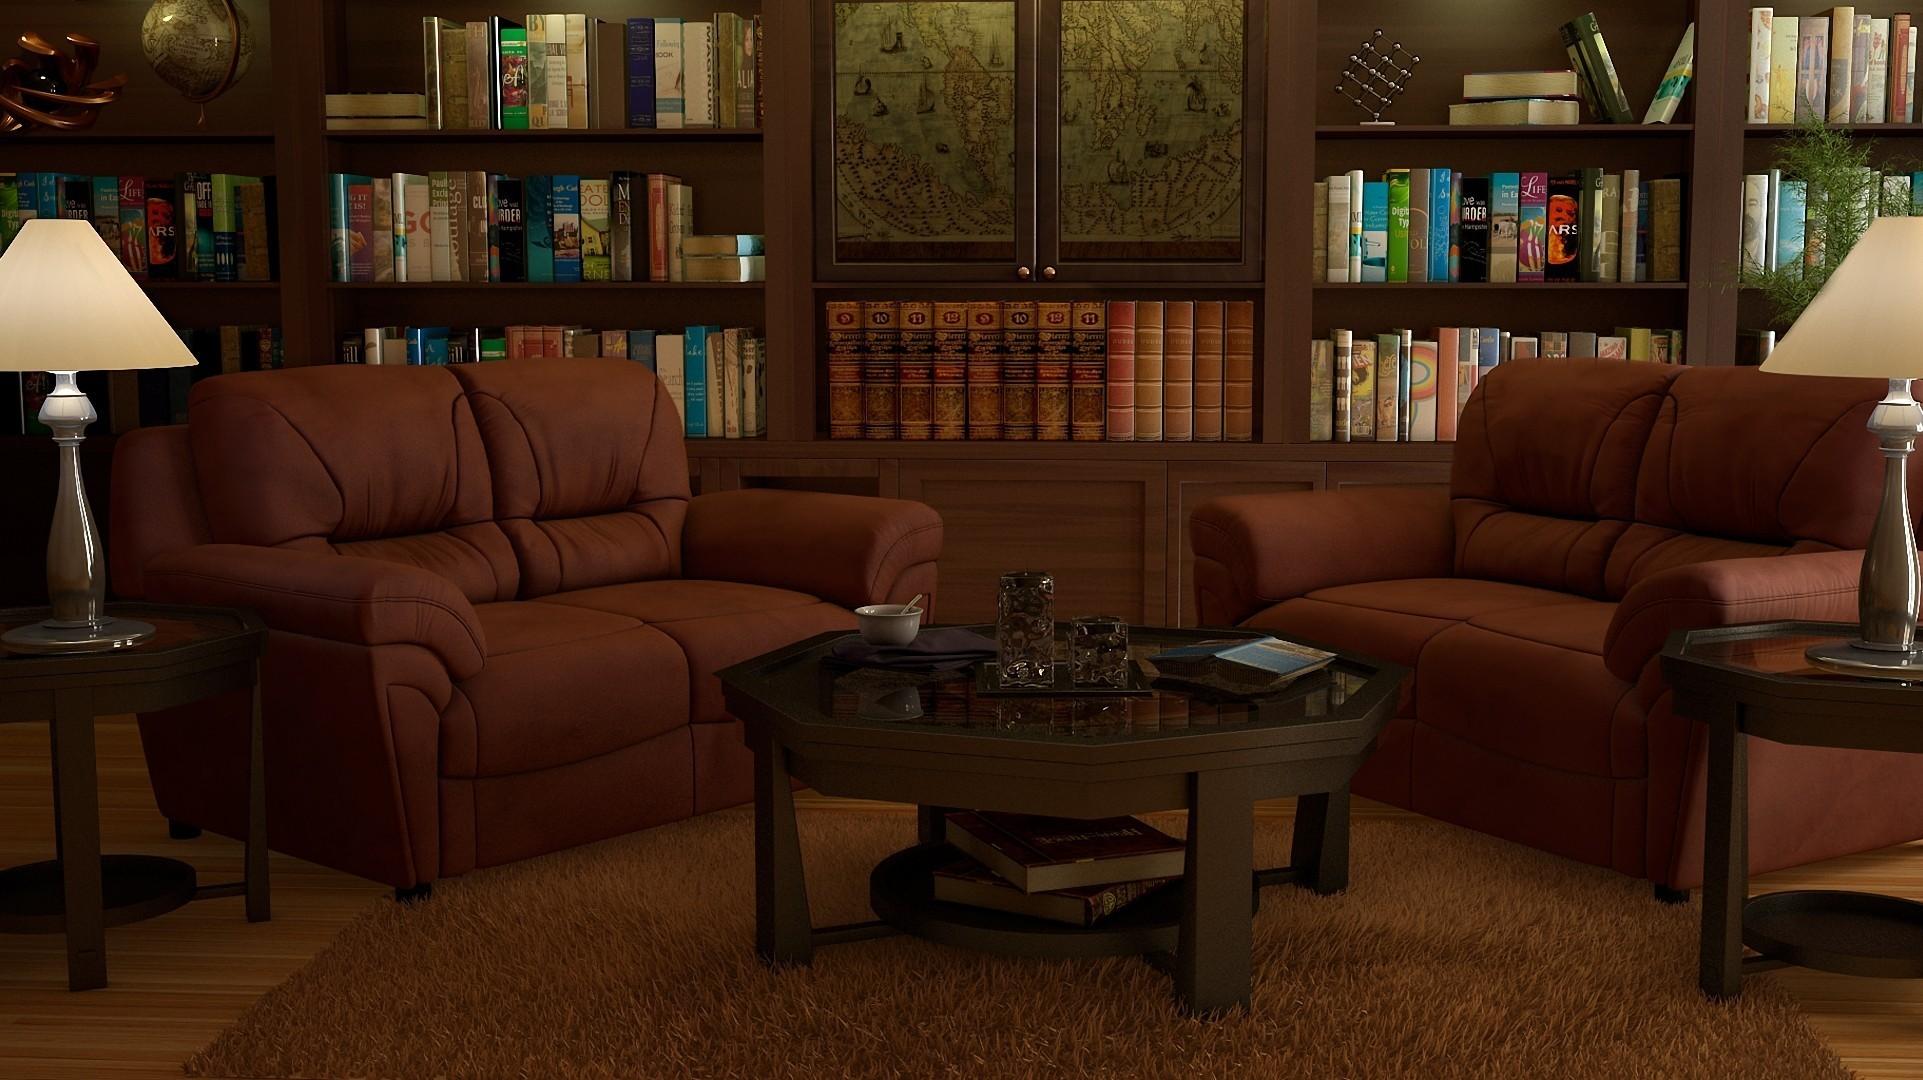 комната-библиотека без смс